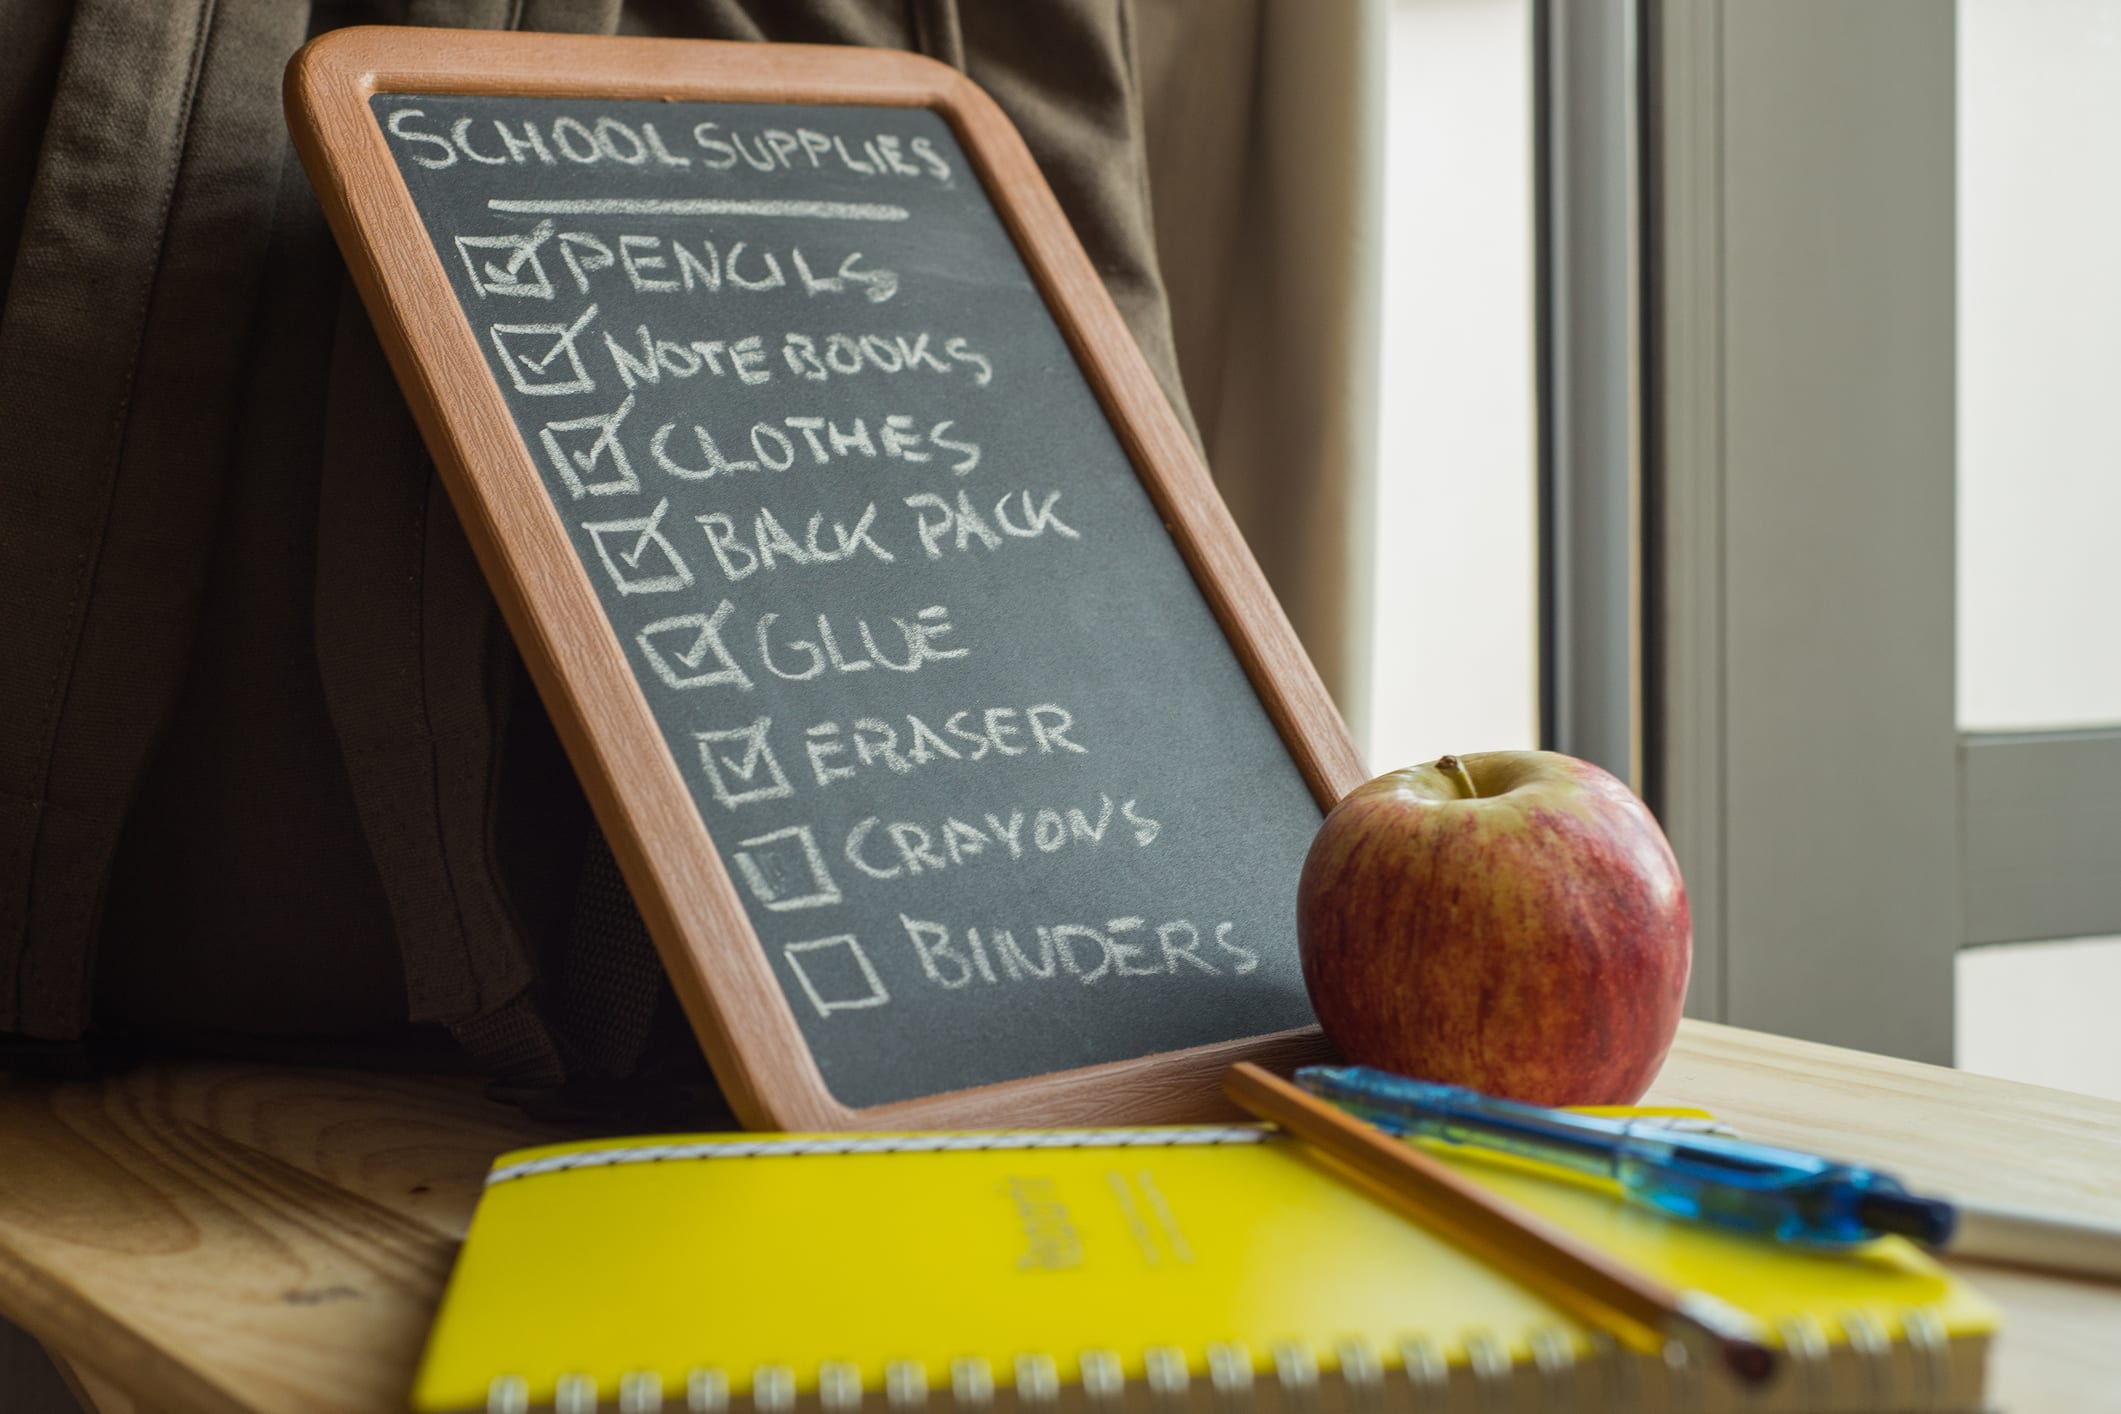 school supply list on chalkboard